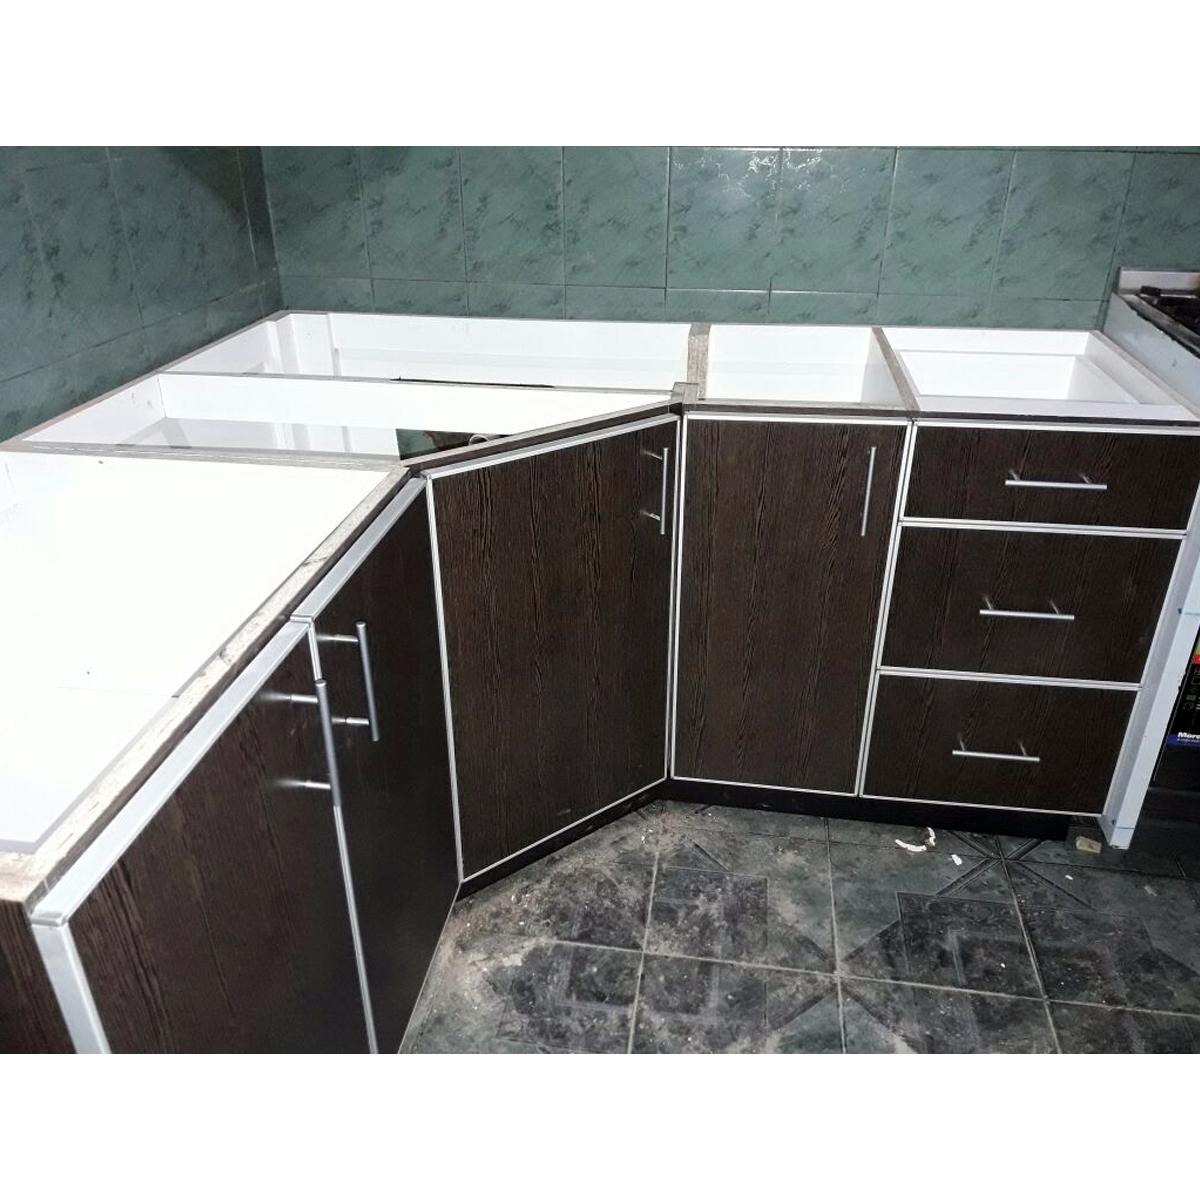 Muebles de cocina alacena y bajo mesada modelo 04 for Modelos de muebles de cocina altos y bajos